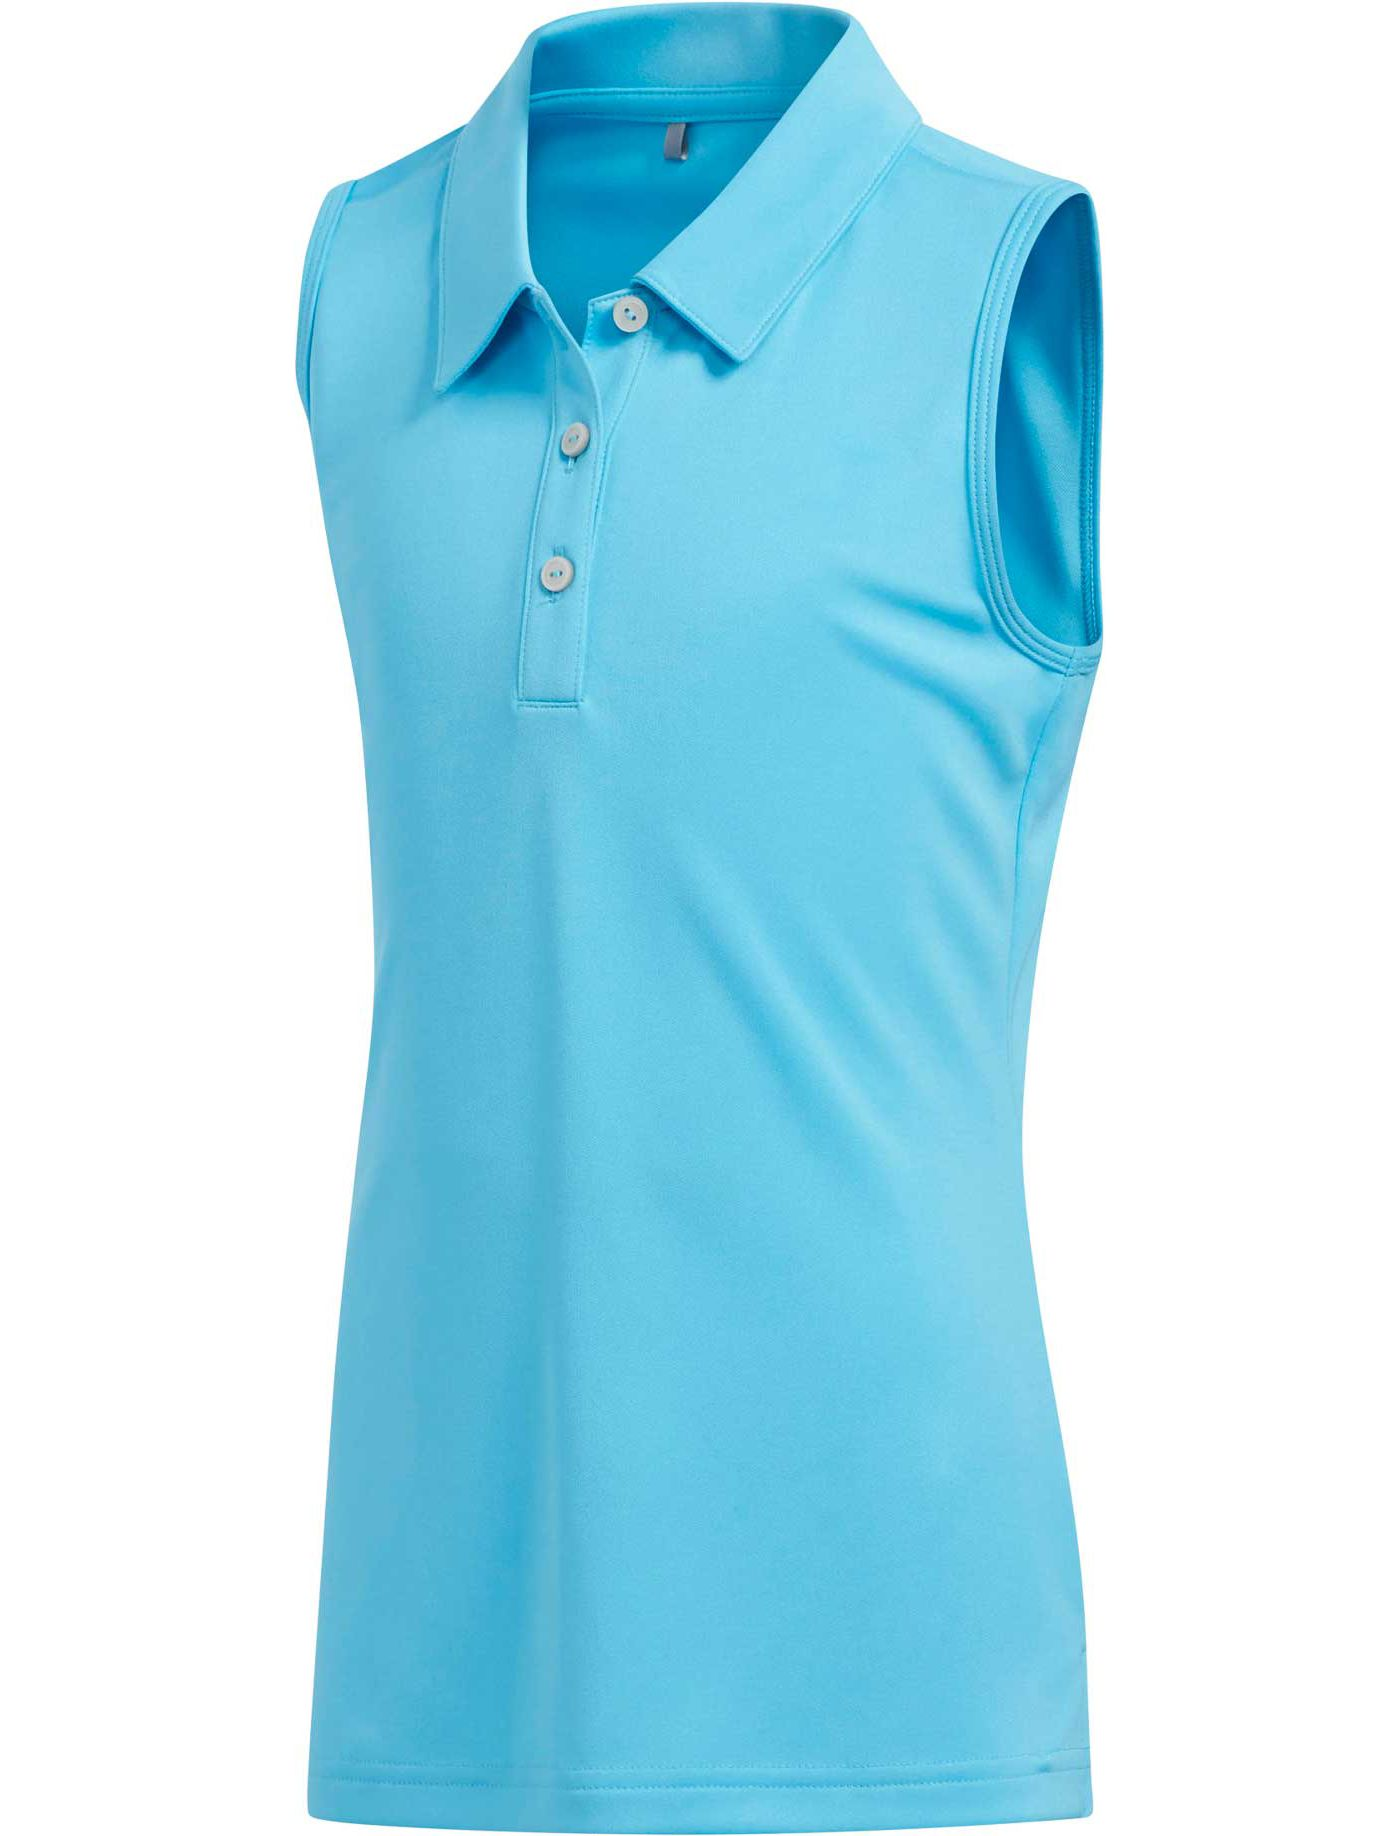 adidas Girls' Tournament Sleeveless Golf Polo